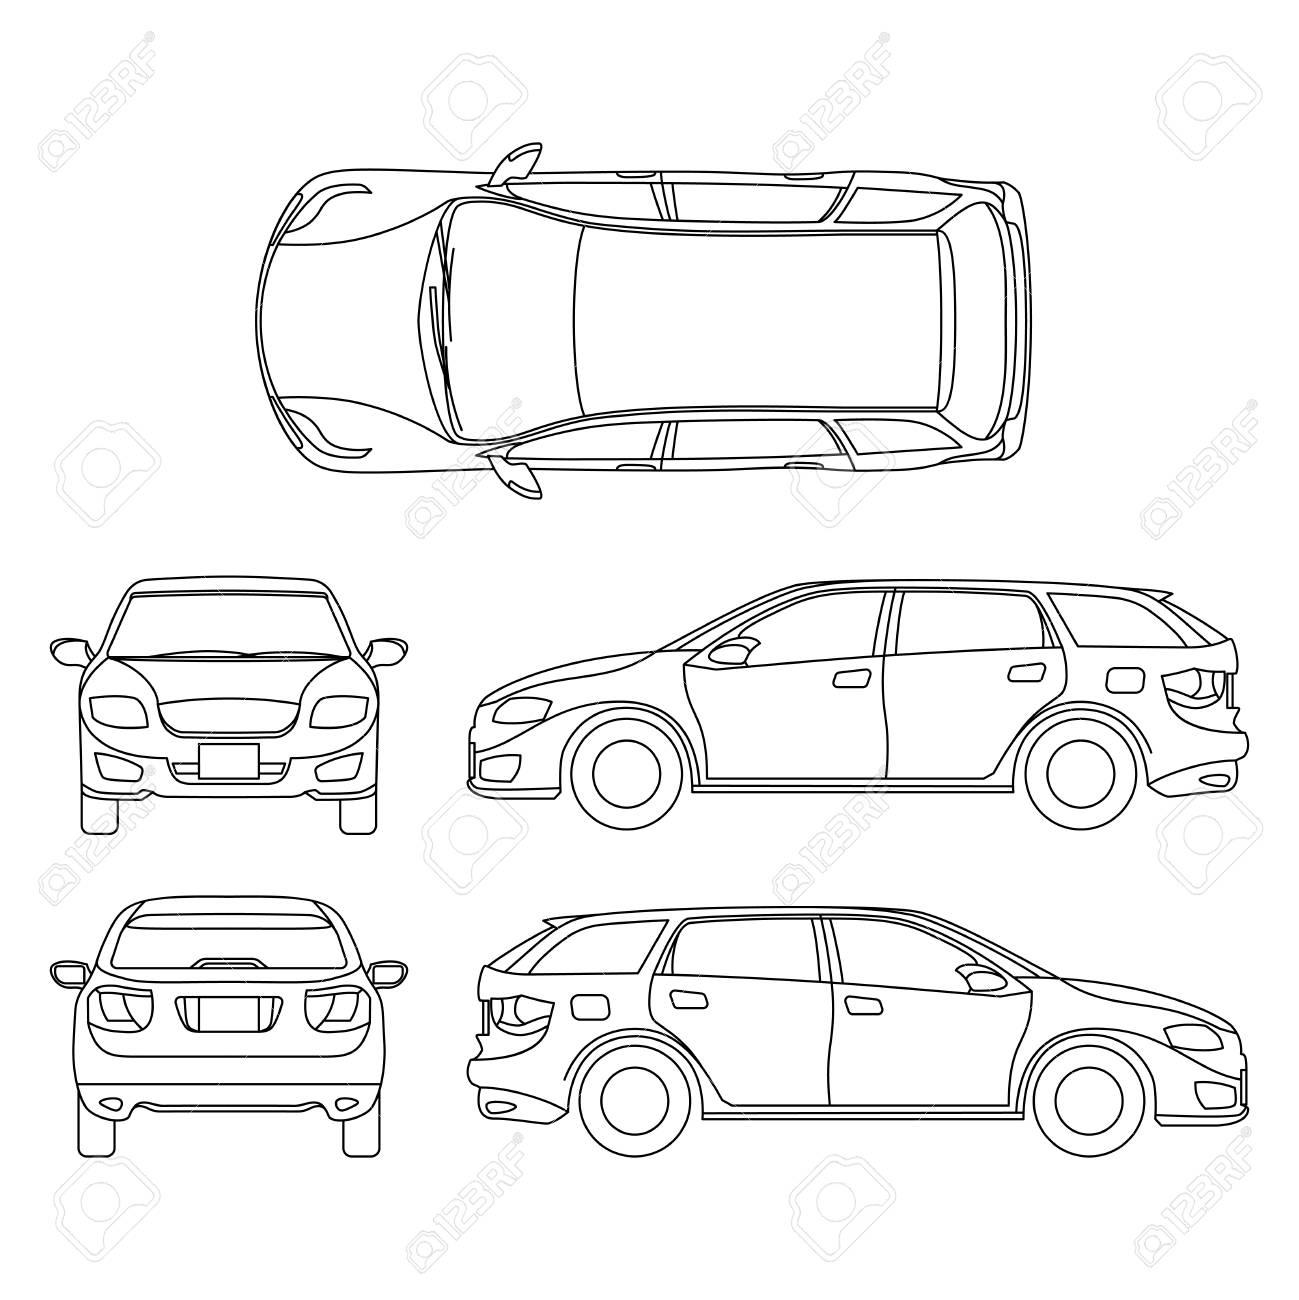 Dessin Au Trait De Vehicule Blanc De Voiture Art Informatique